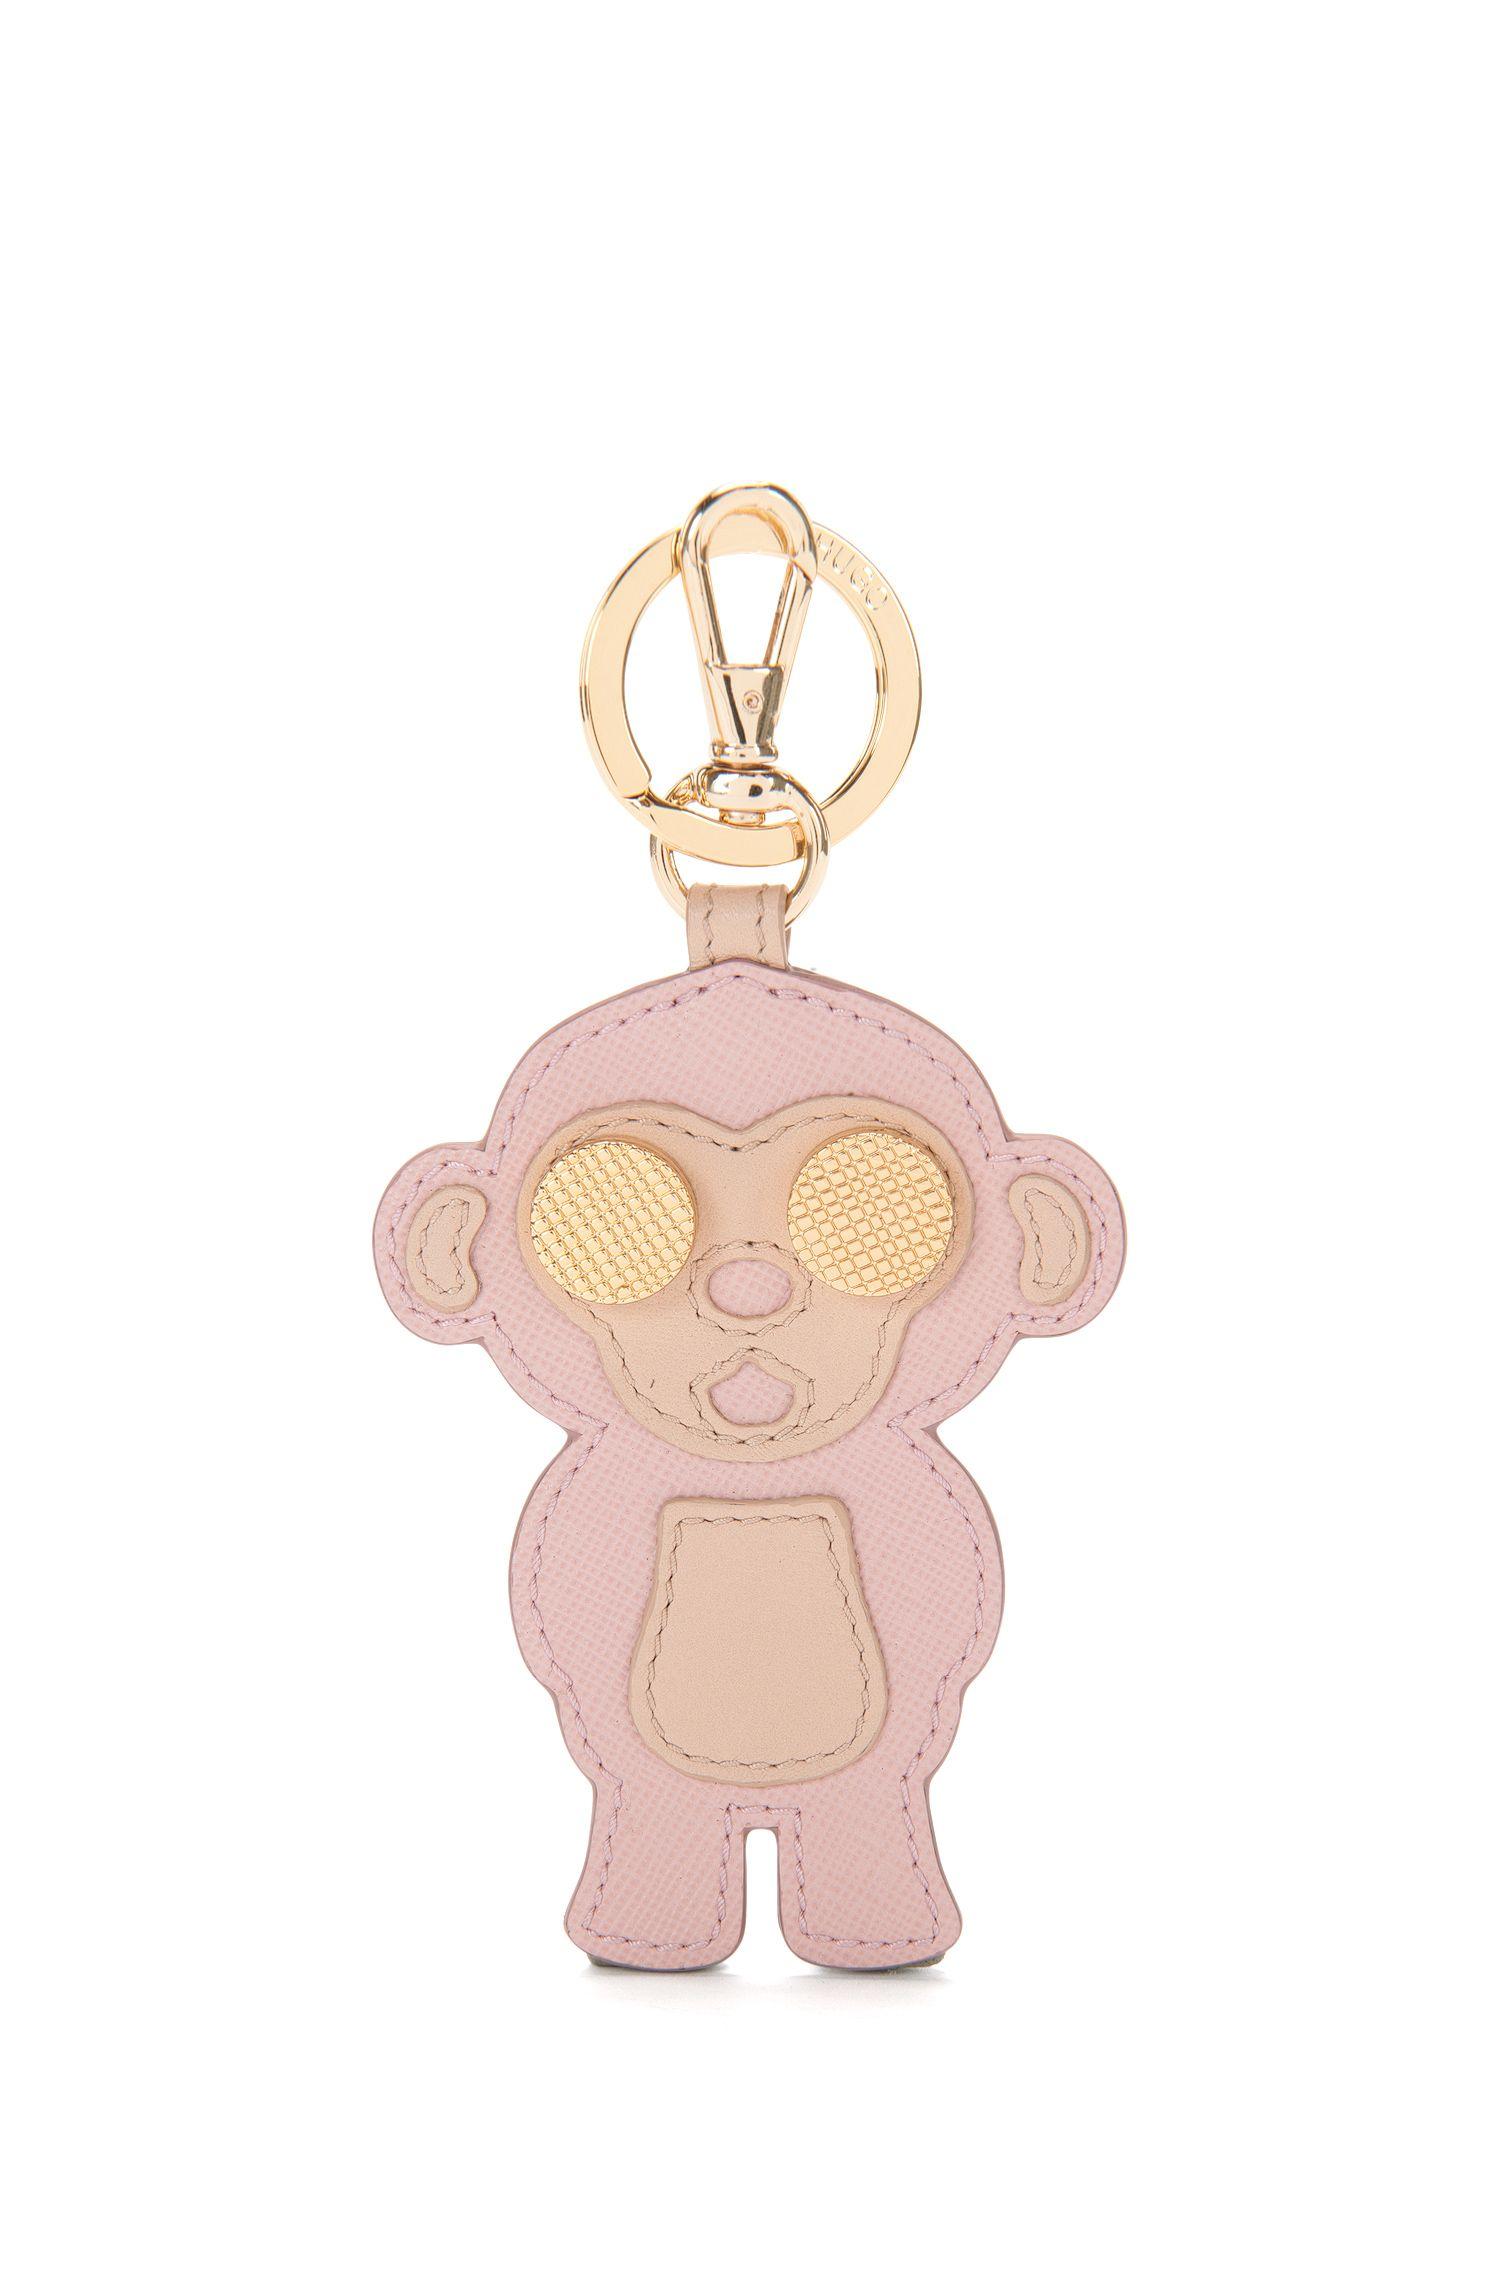 Schlüsselanhänger aus Leder mit Affen-Motiv: 'Karlie'